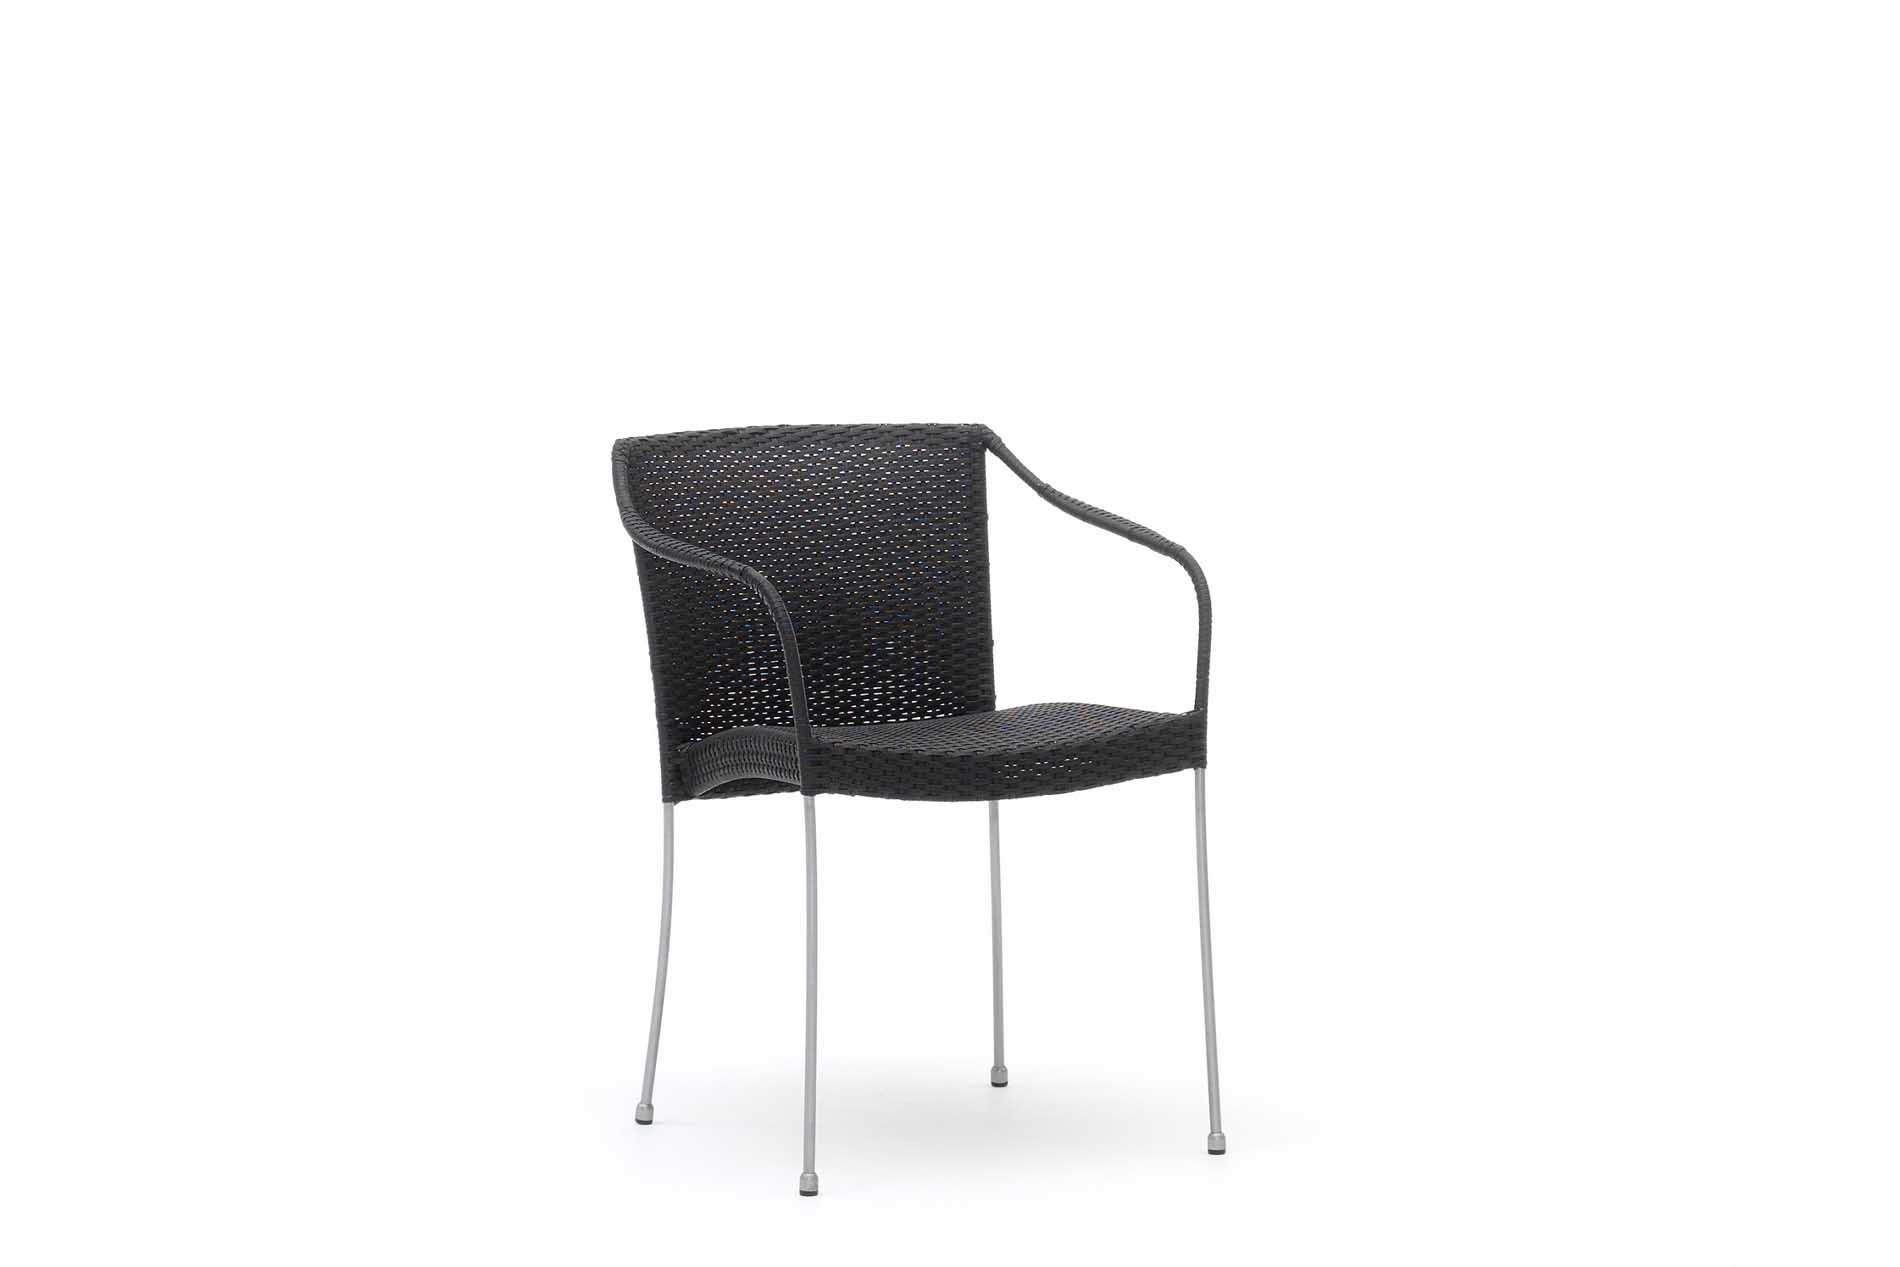 Chaise repas empilable en acier et fibre synthétique noire